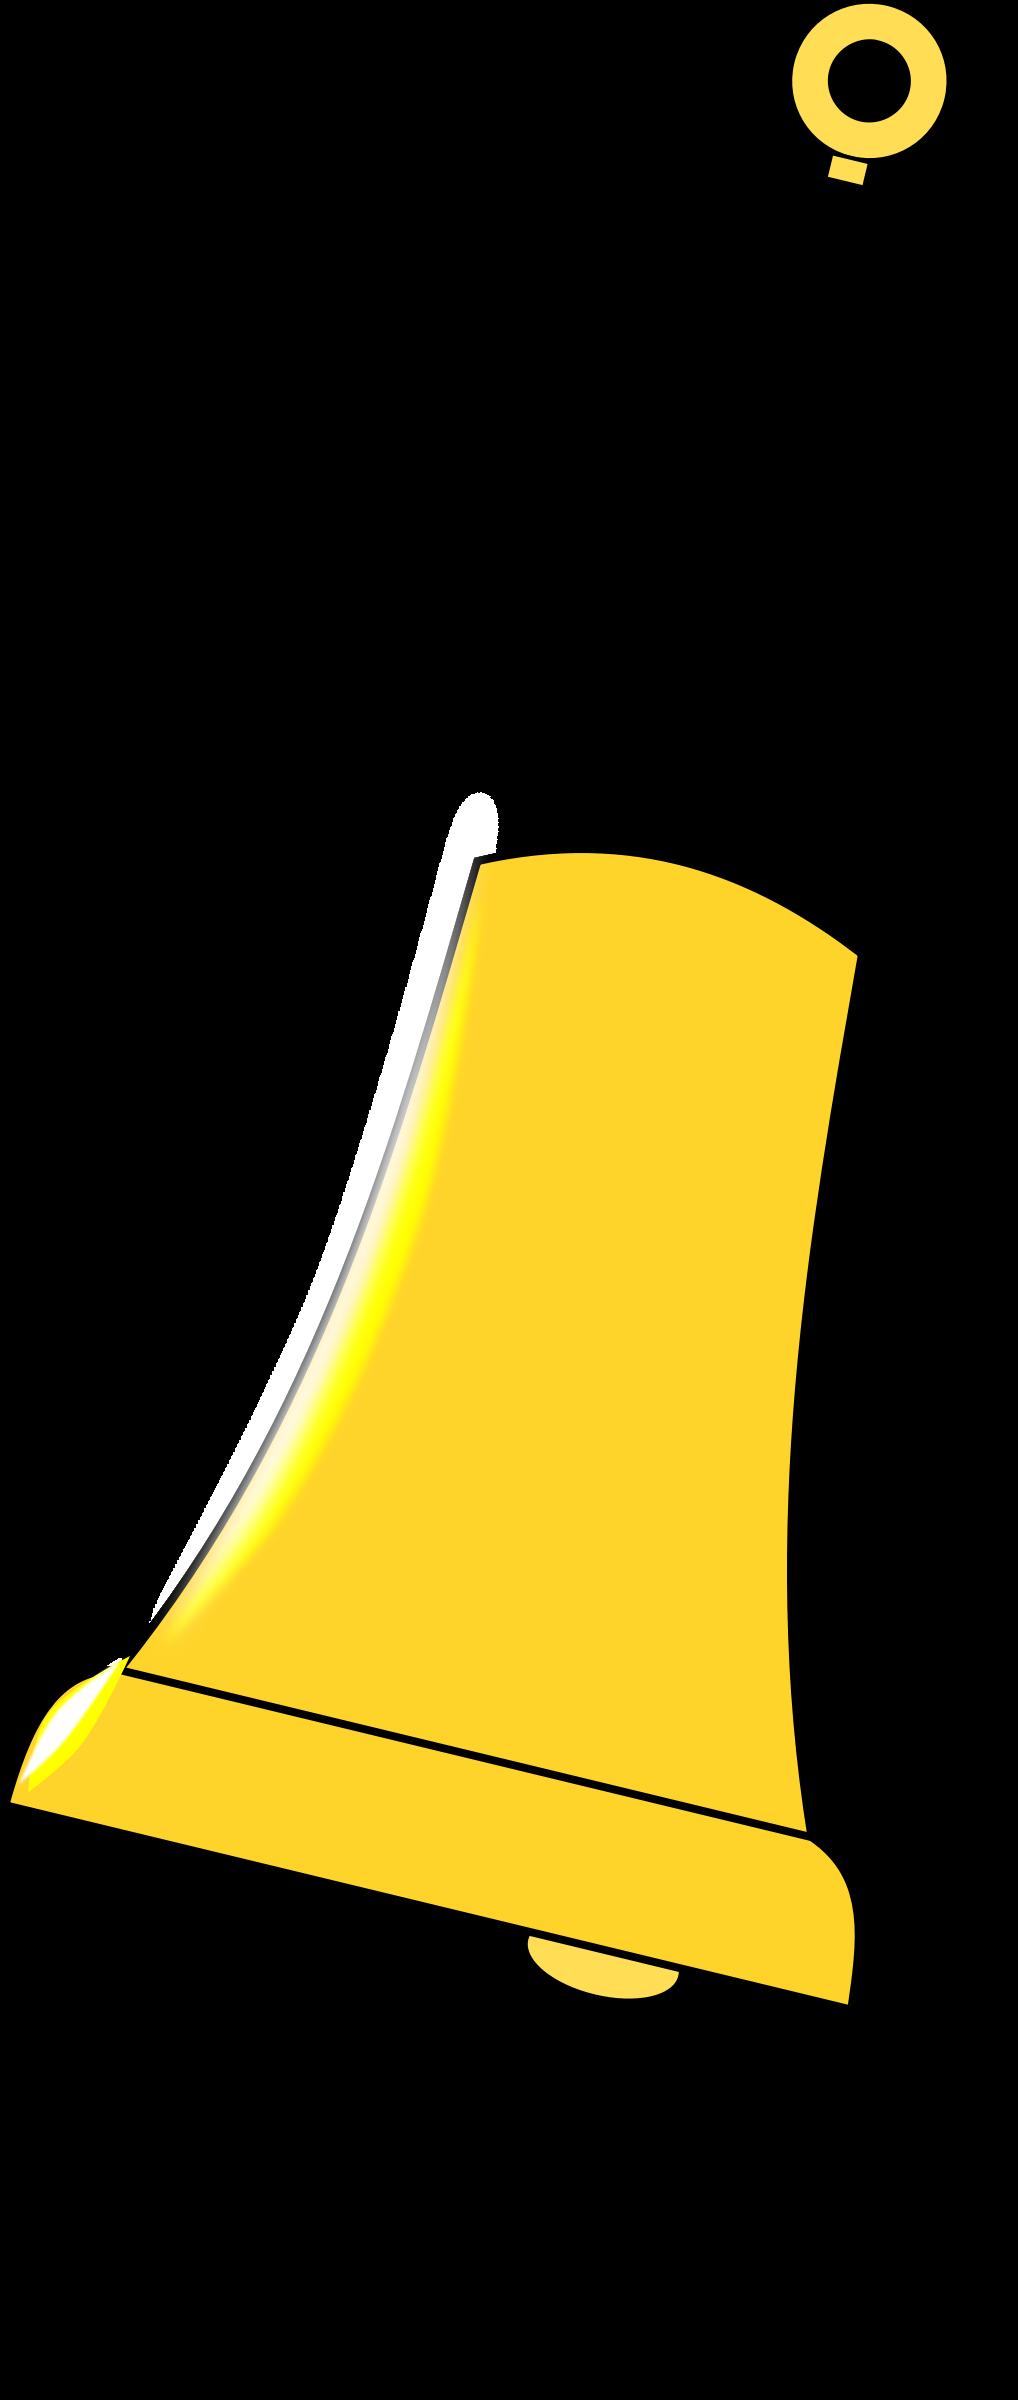 Ringing School Bell Clipart.